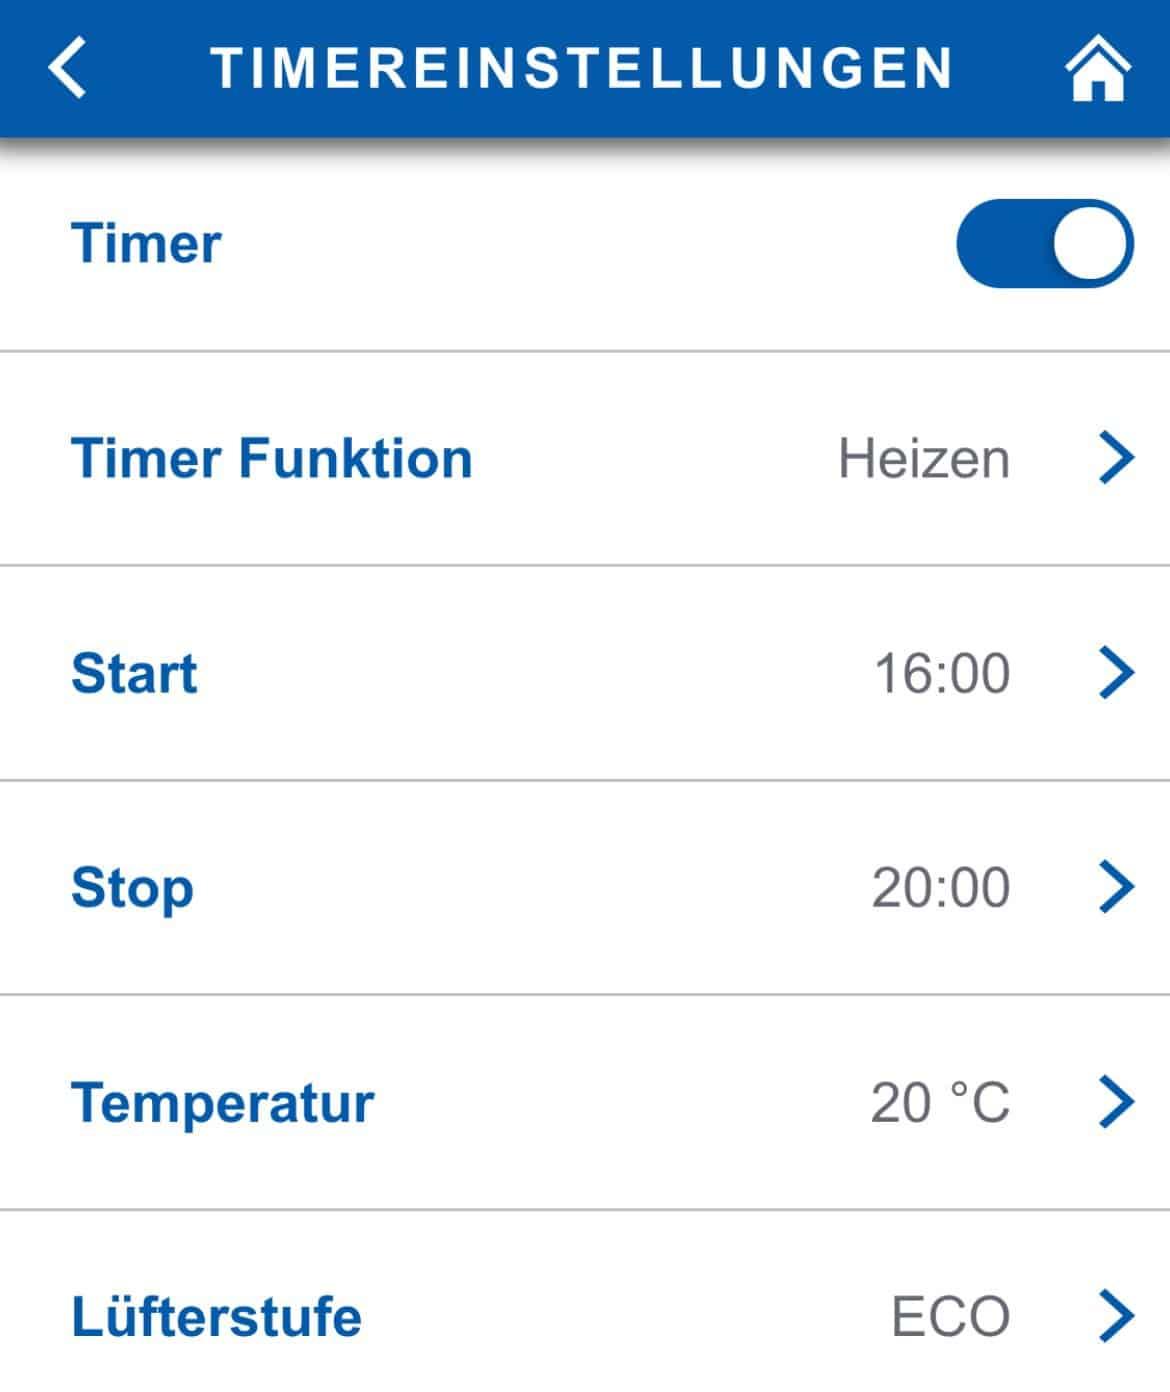 Timer-Truma-iNet-Box-per-App-setzen